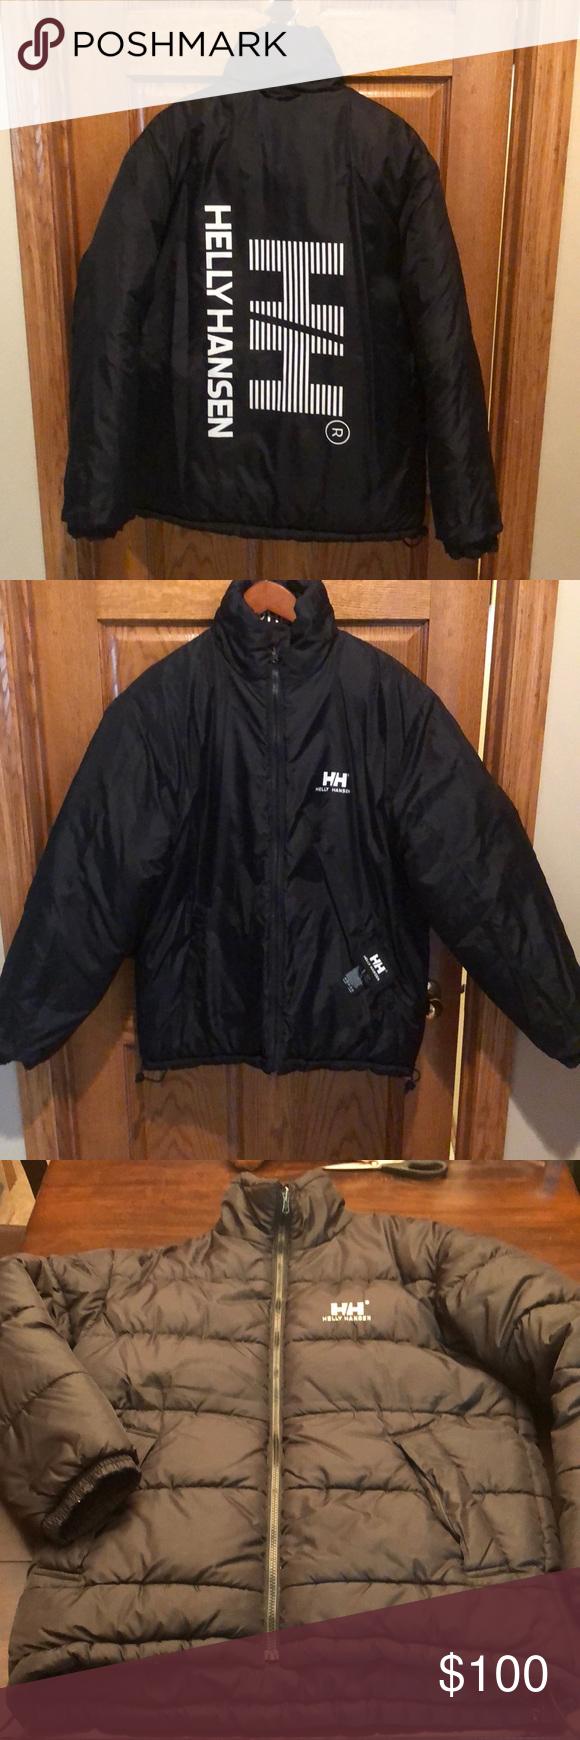 Helly Hansen Heavy Duty Winter Puffer Jacket Winter Puffer Jackets Puffer Jackets Helly Hansen Jacket [ 1740 x 580 Pixel ]